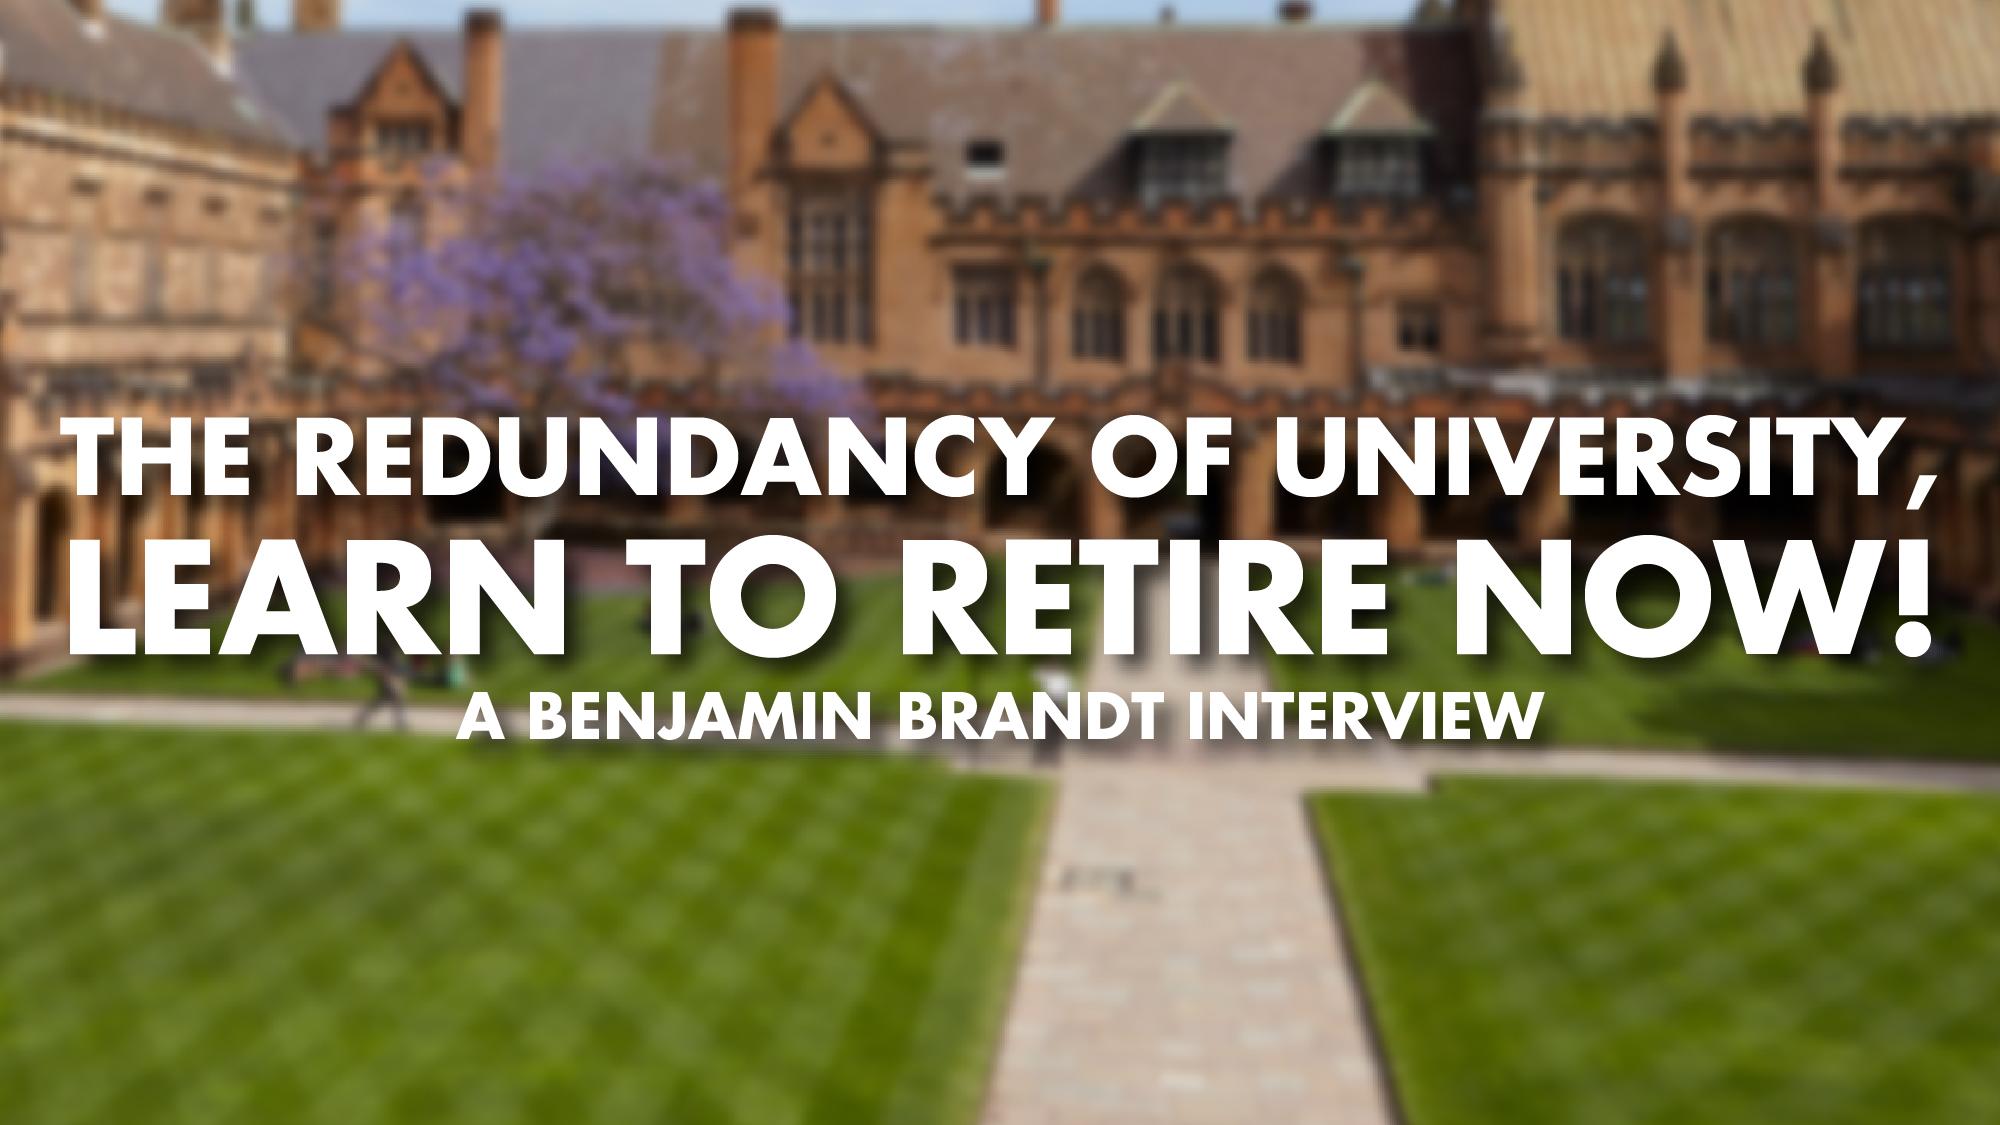 The Redundancy Of University, Learn To Retire Now! – Benjamin Brandt interview